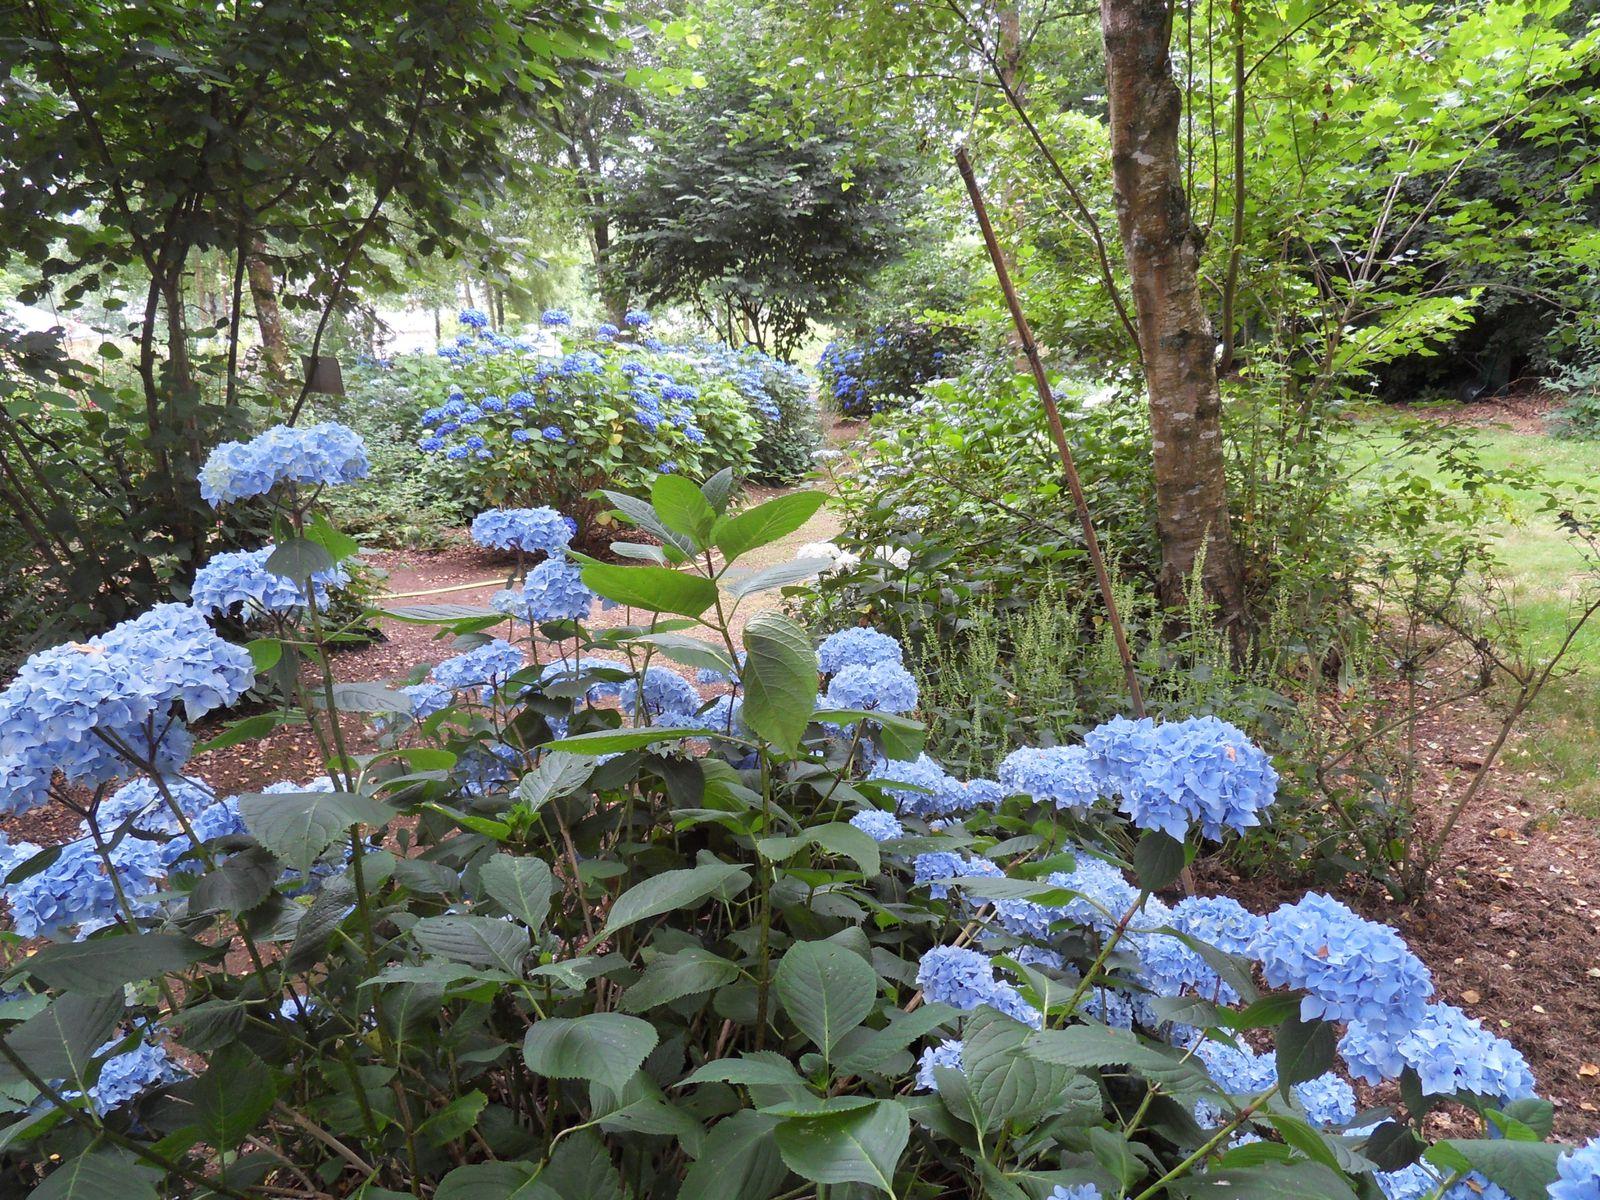 la grande allée qui remonte le bois est bordée de plus de 80 hydrangéas, plusieurs variétés , du blanc aux différents bleus ....lys et vivaces de saison les accompagnent , de nombreuses azalées sont également  plantées sur cette partie  pour les floraisons printanières.